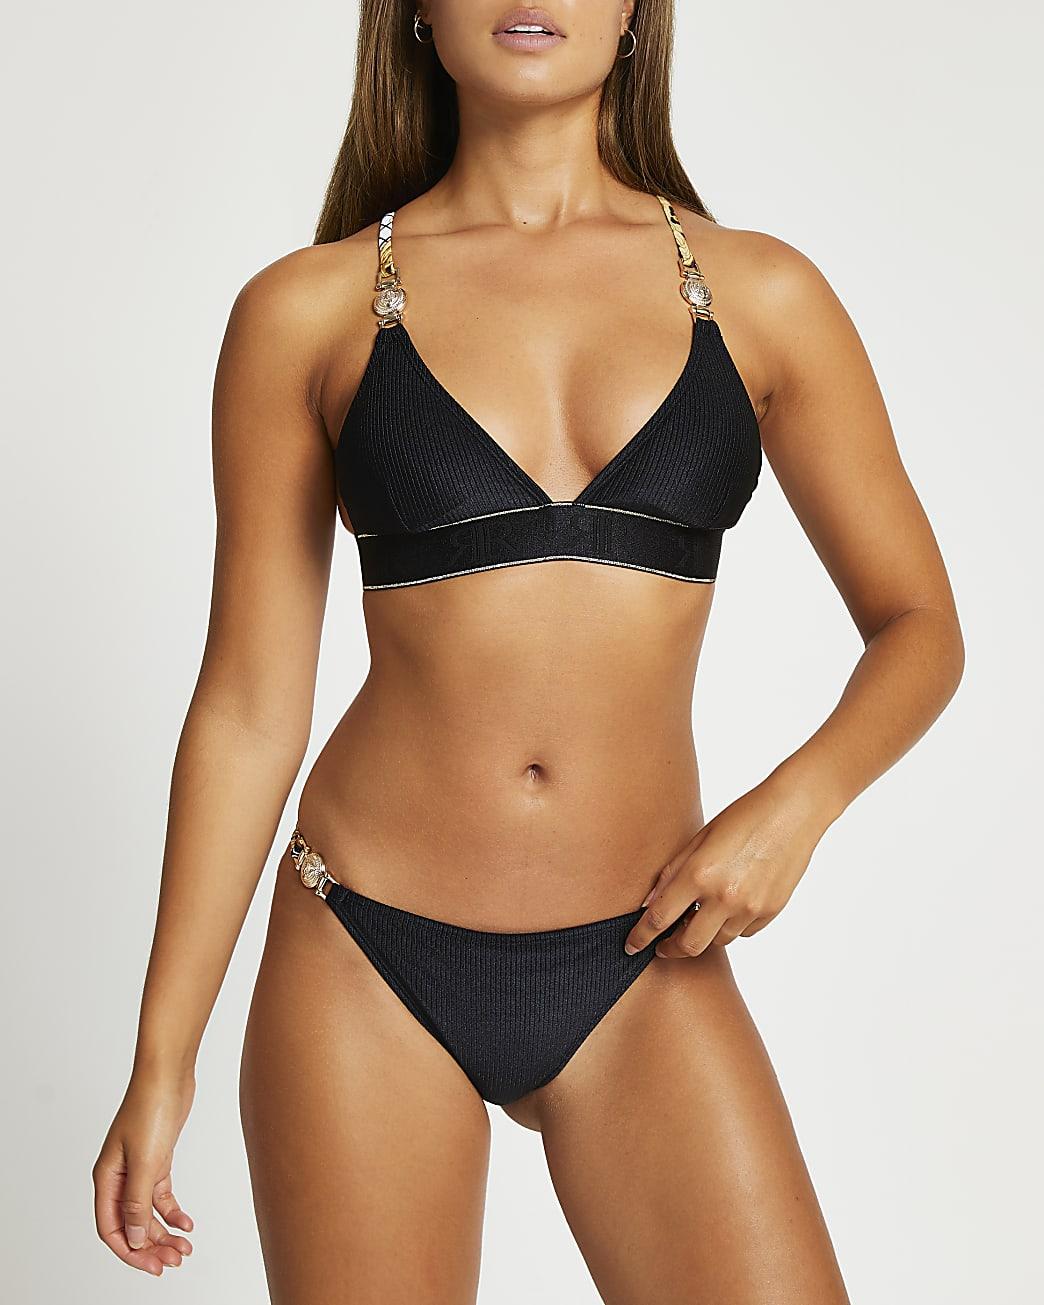 Black gold trim low rise bikini briefs